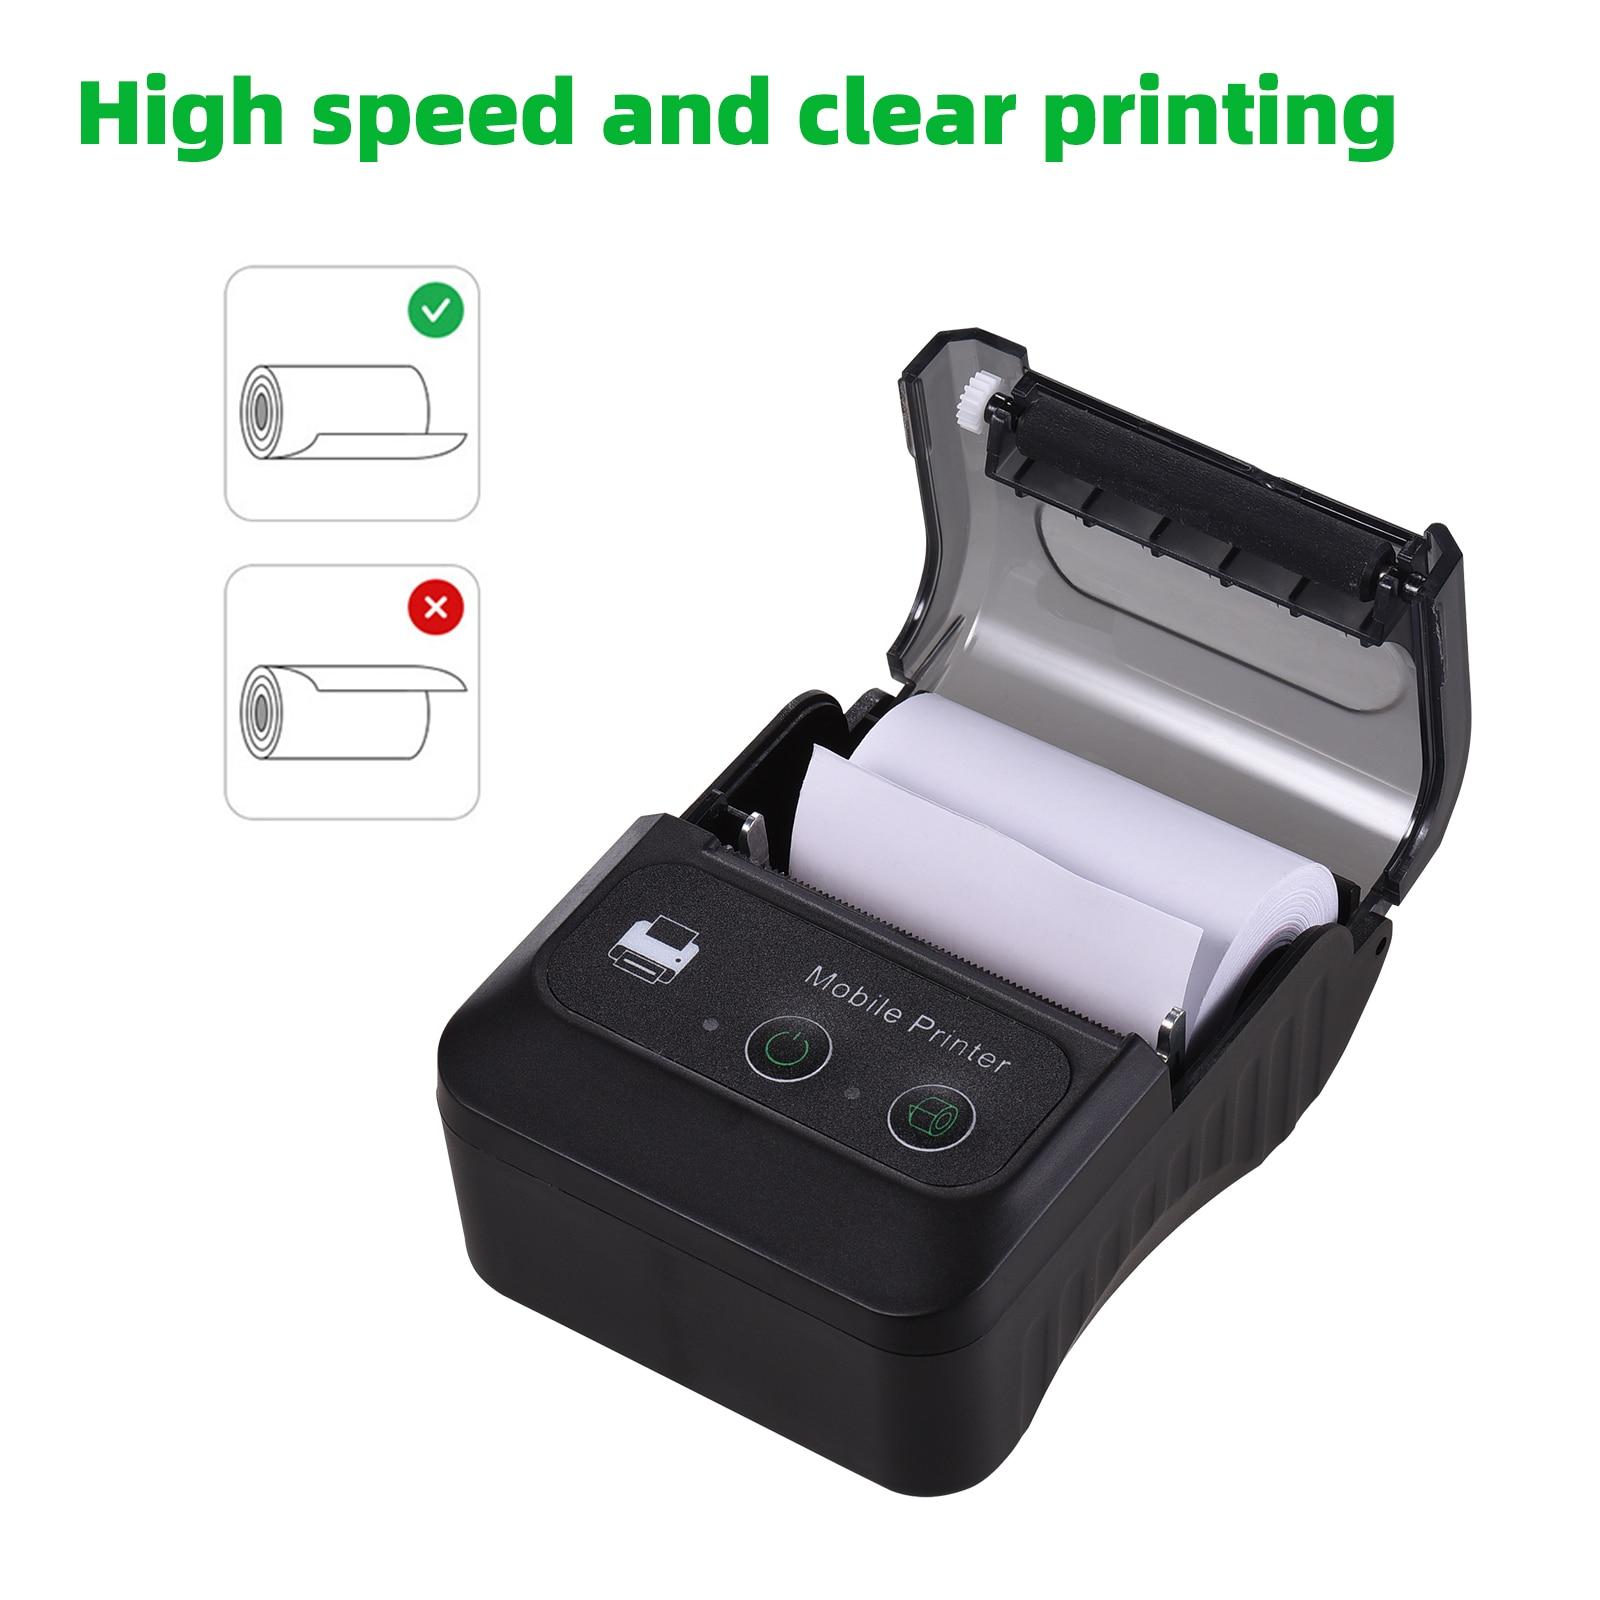 Impressora térmica portátil de recibos, bluetooth, tamanho